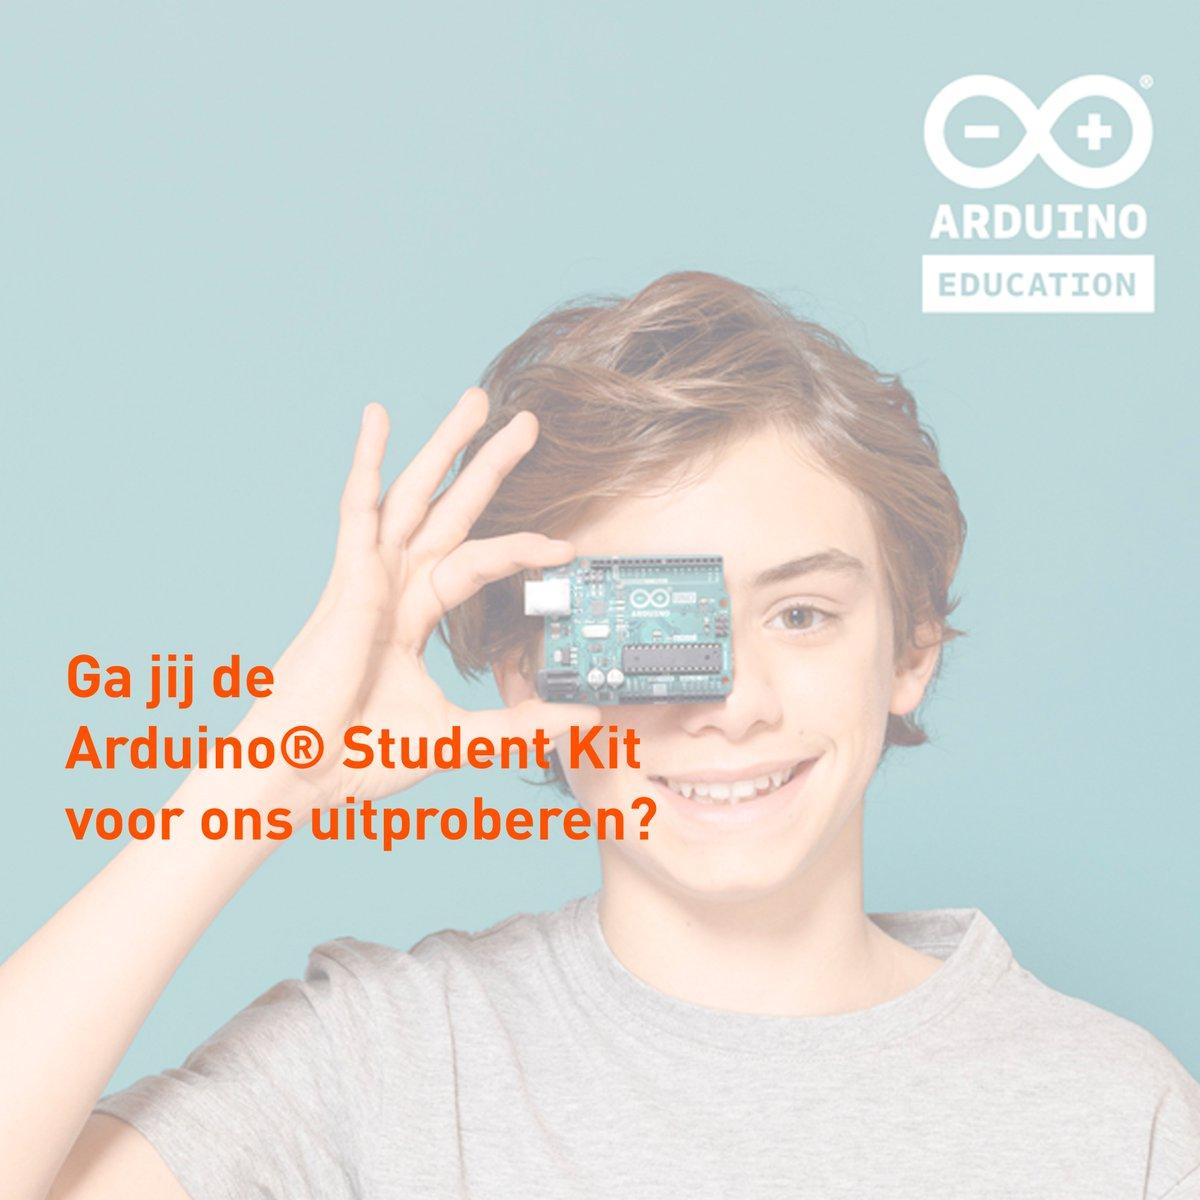 Gezocht! Enthousiaste docenten die de #Arduino Student Kit willen testen. Je hebt nog 5 dagen om je aan te melden.  Wij zijn benieuwd wat jullie ervan vinden. Meld je aan. https://t.co/tnIq7TDELK #arduino #arduinoeducation #thuisonderwijs #STEAM #programmeren #elektronica https://t.co/bpW1evndET